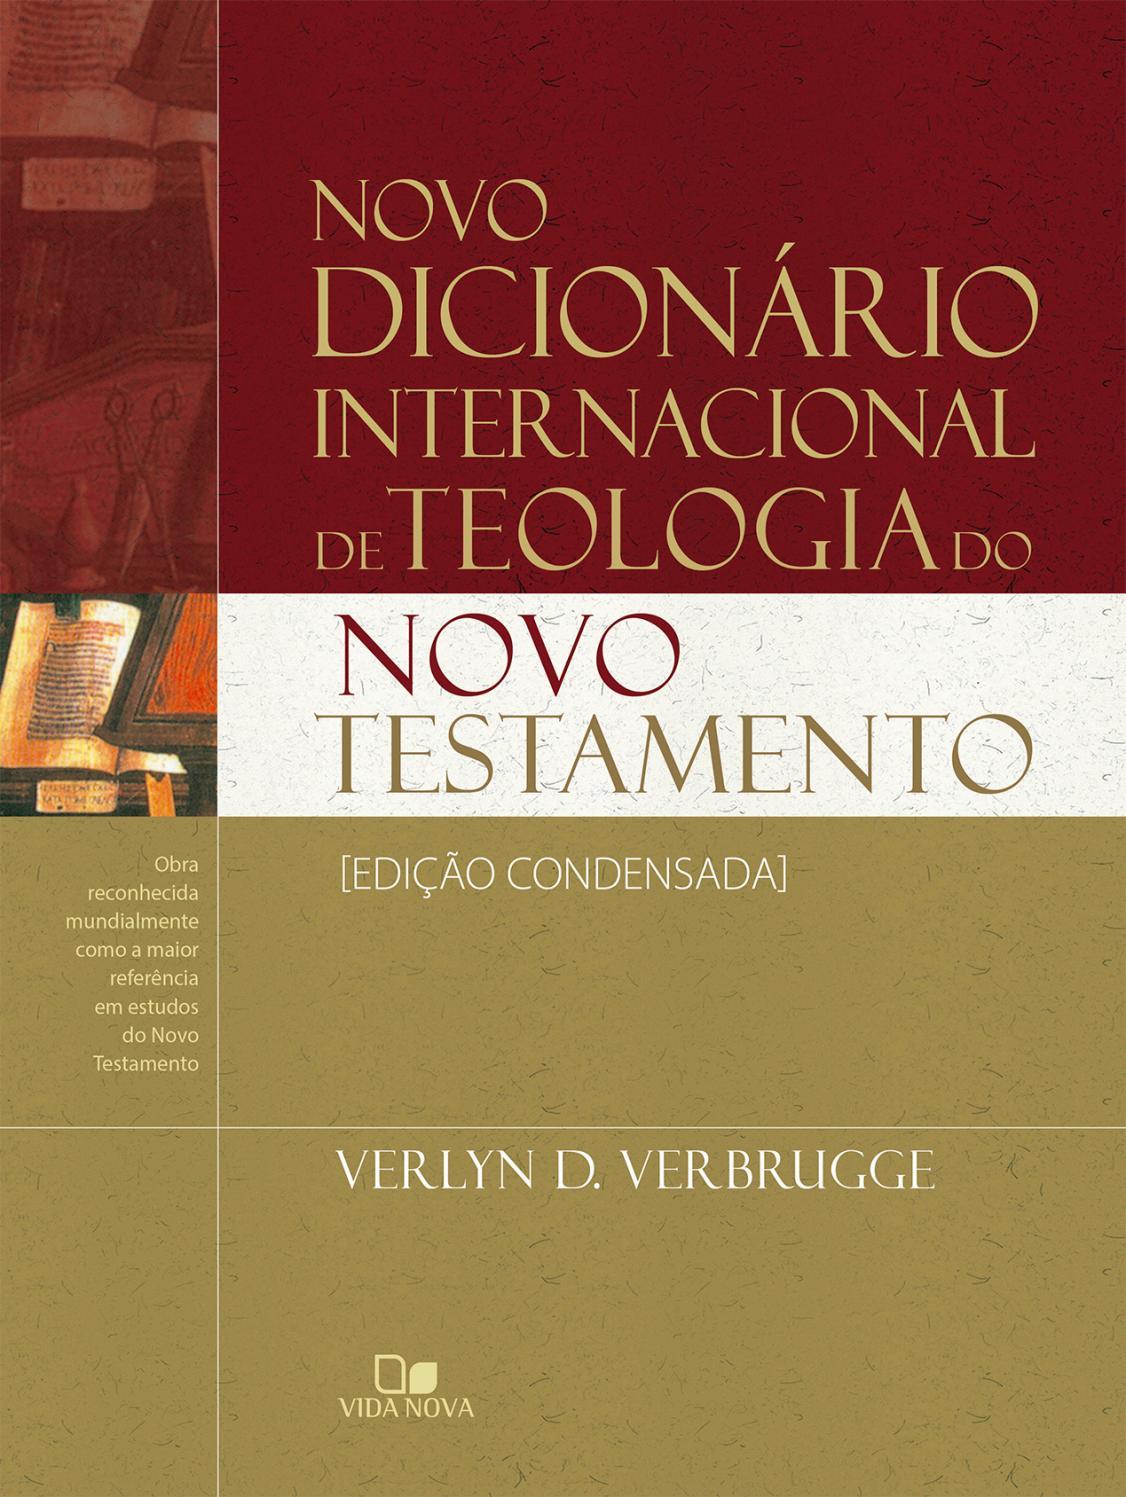 f7544f7d55 Novo dicionário internacional de teologia do NT - Ed. condensada by Vida  Nova - issuu